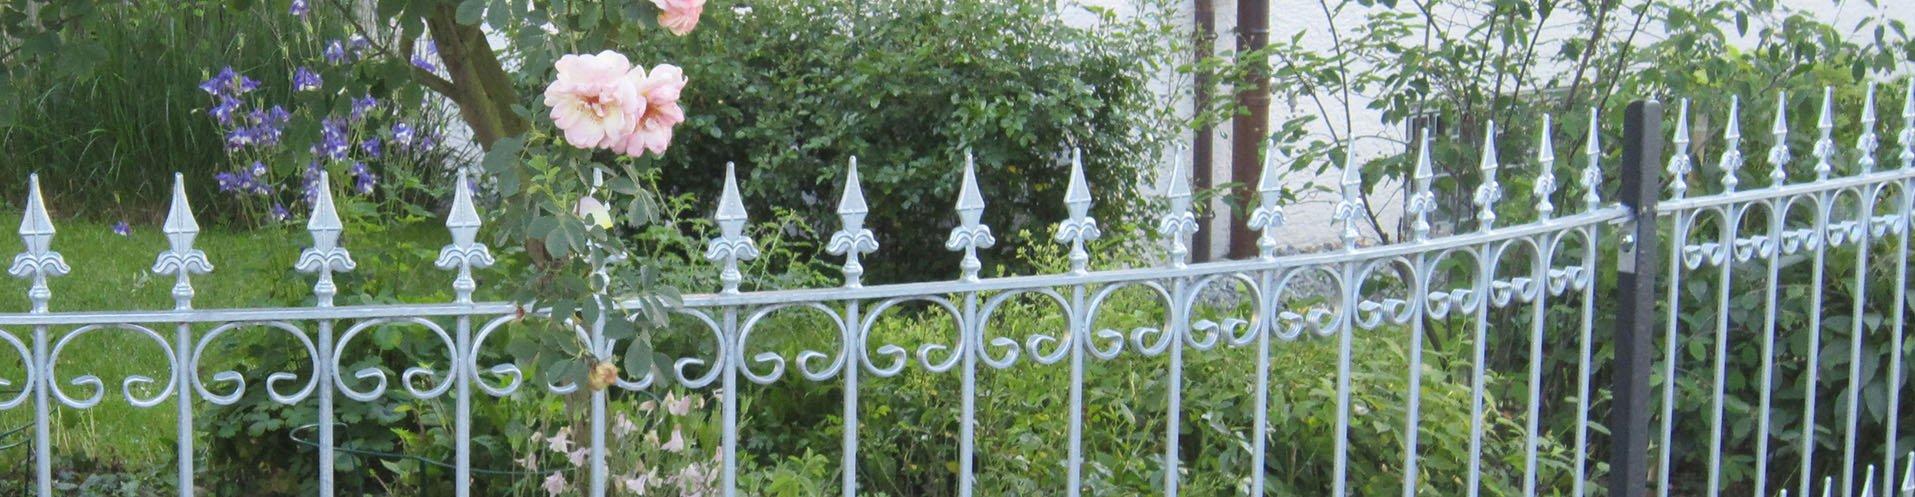 Verzinkte Gartenzaunelemente